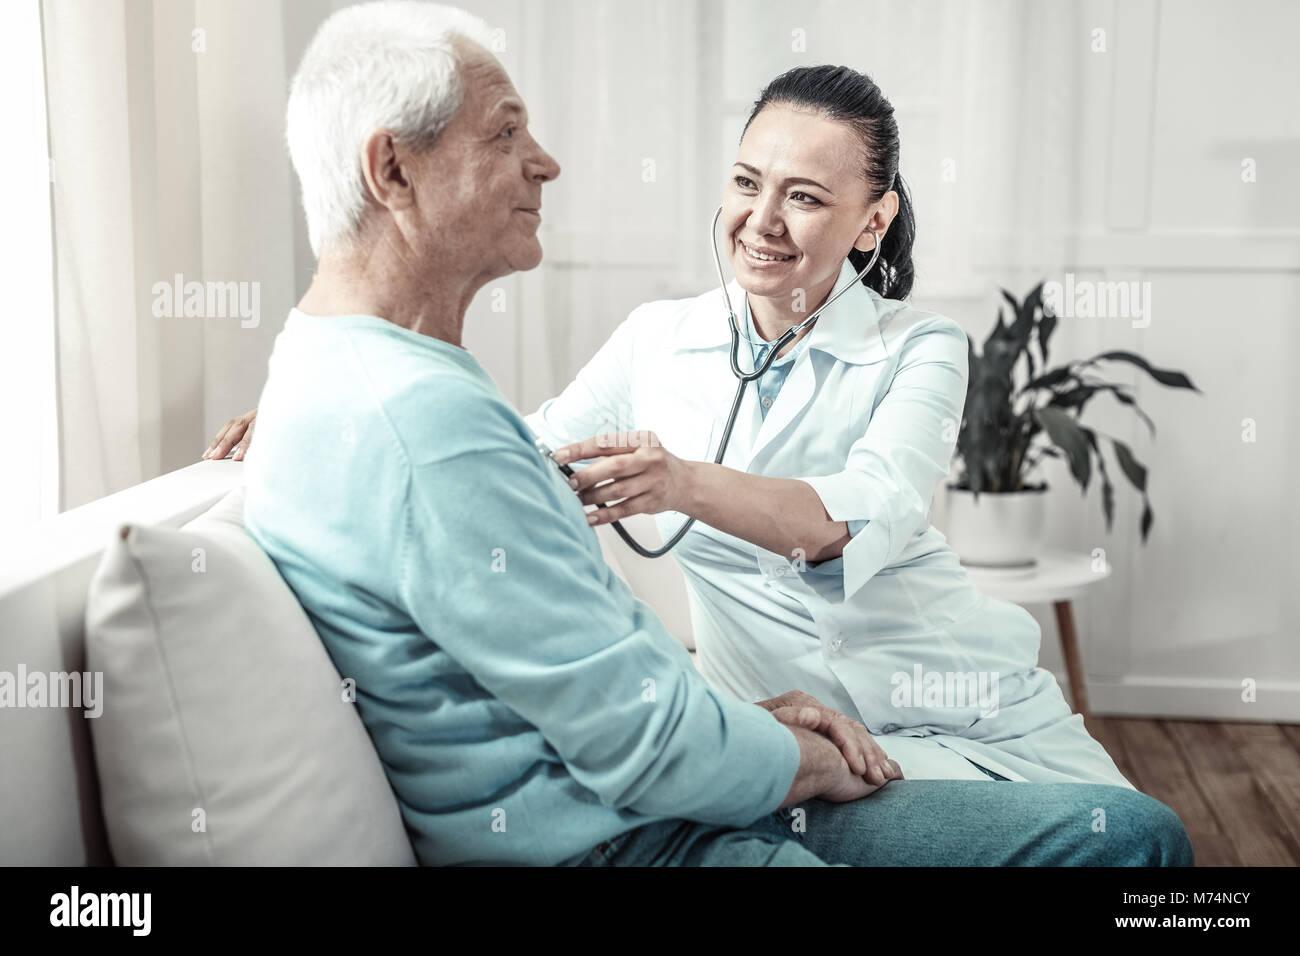 Tipo agradable enfermera usando su estetoscopio y sonriente. Imagen De Stock